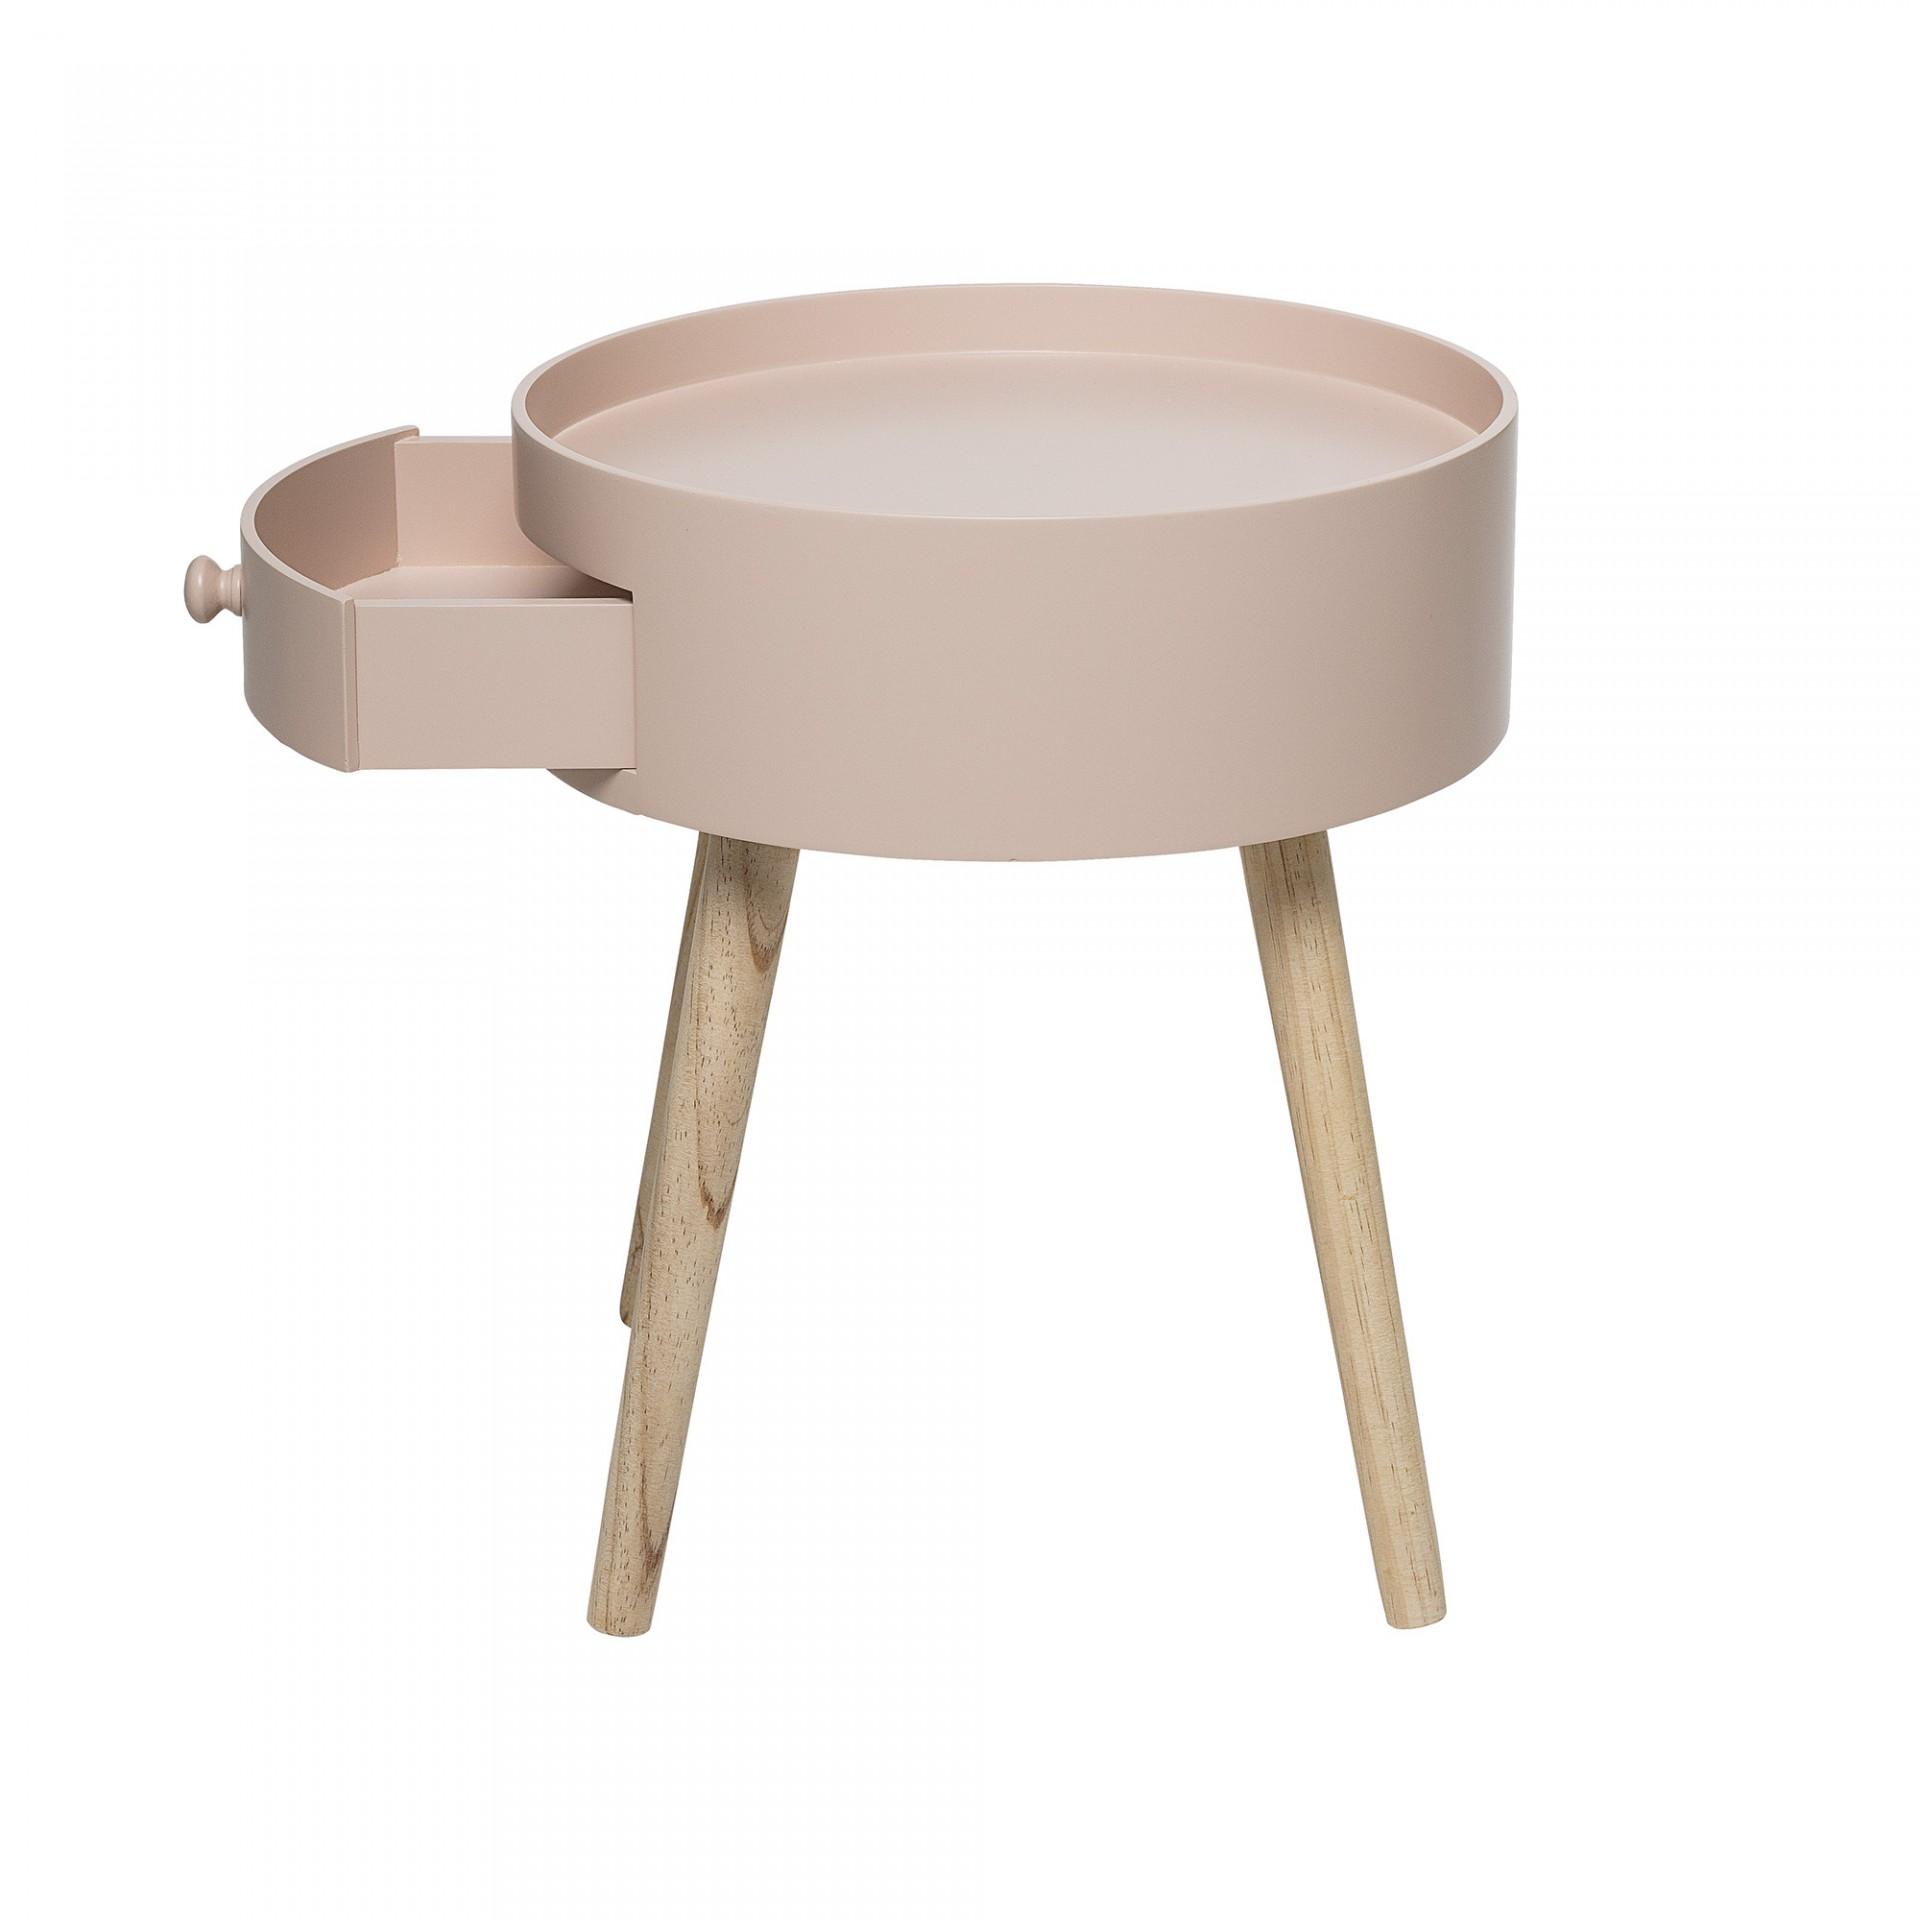 Mesa de apoio Rose, madeira de pinho/MDF lacado, Ø38x45